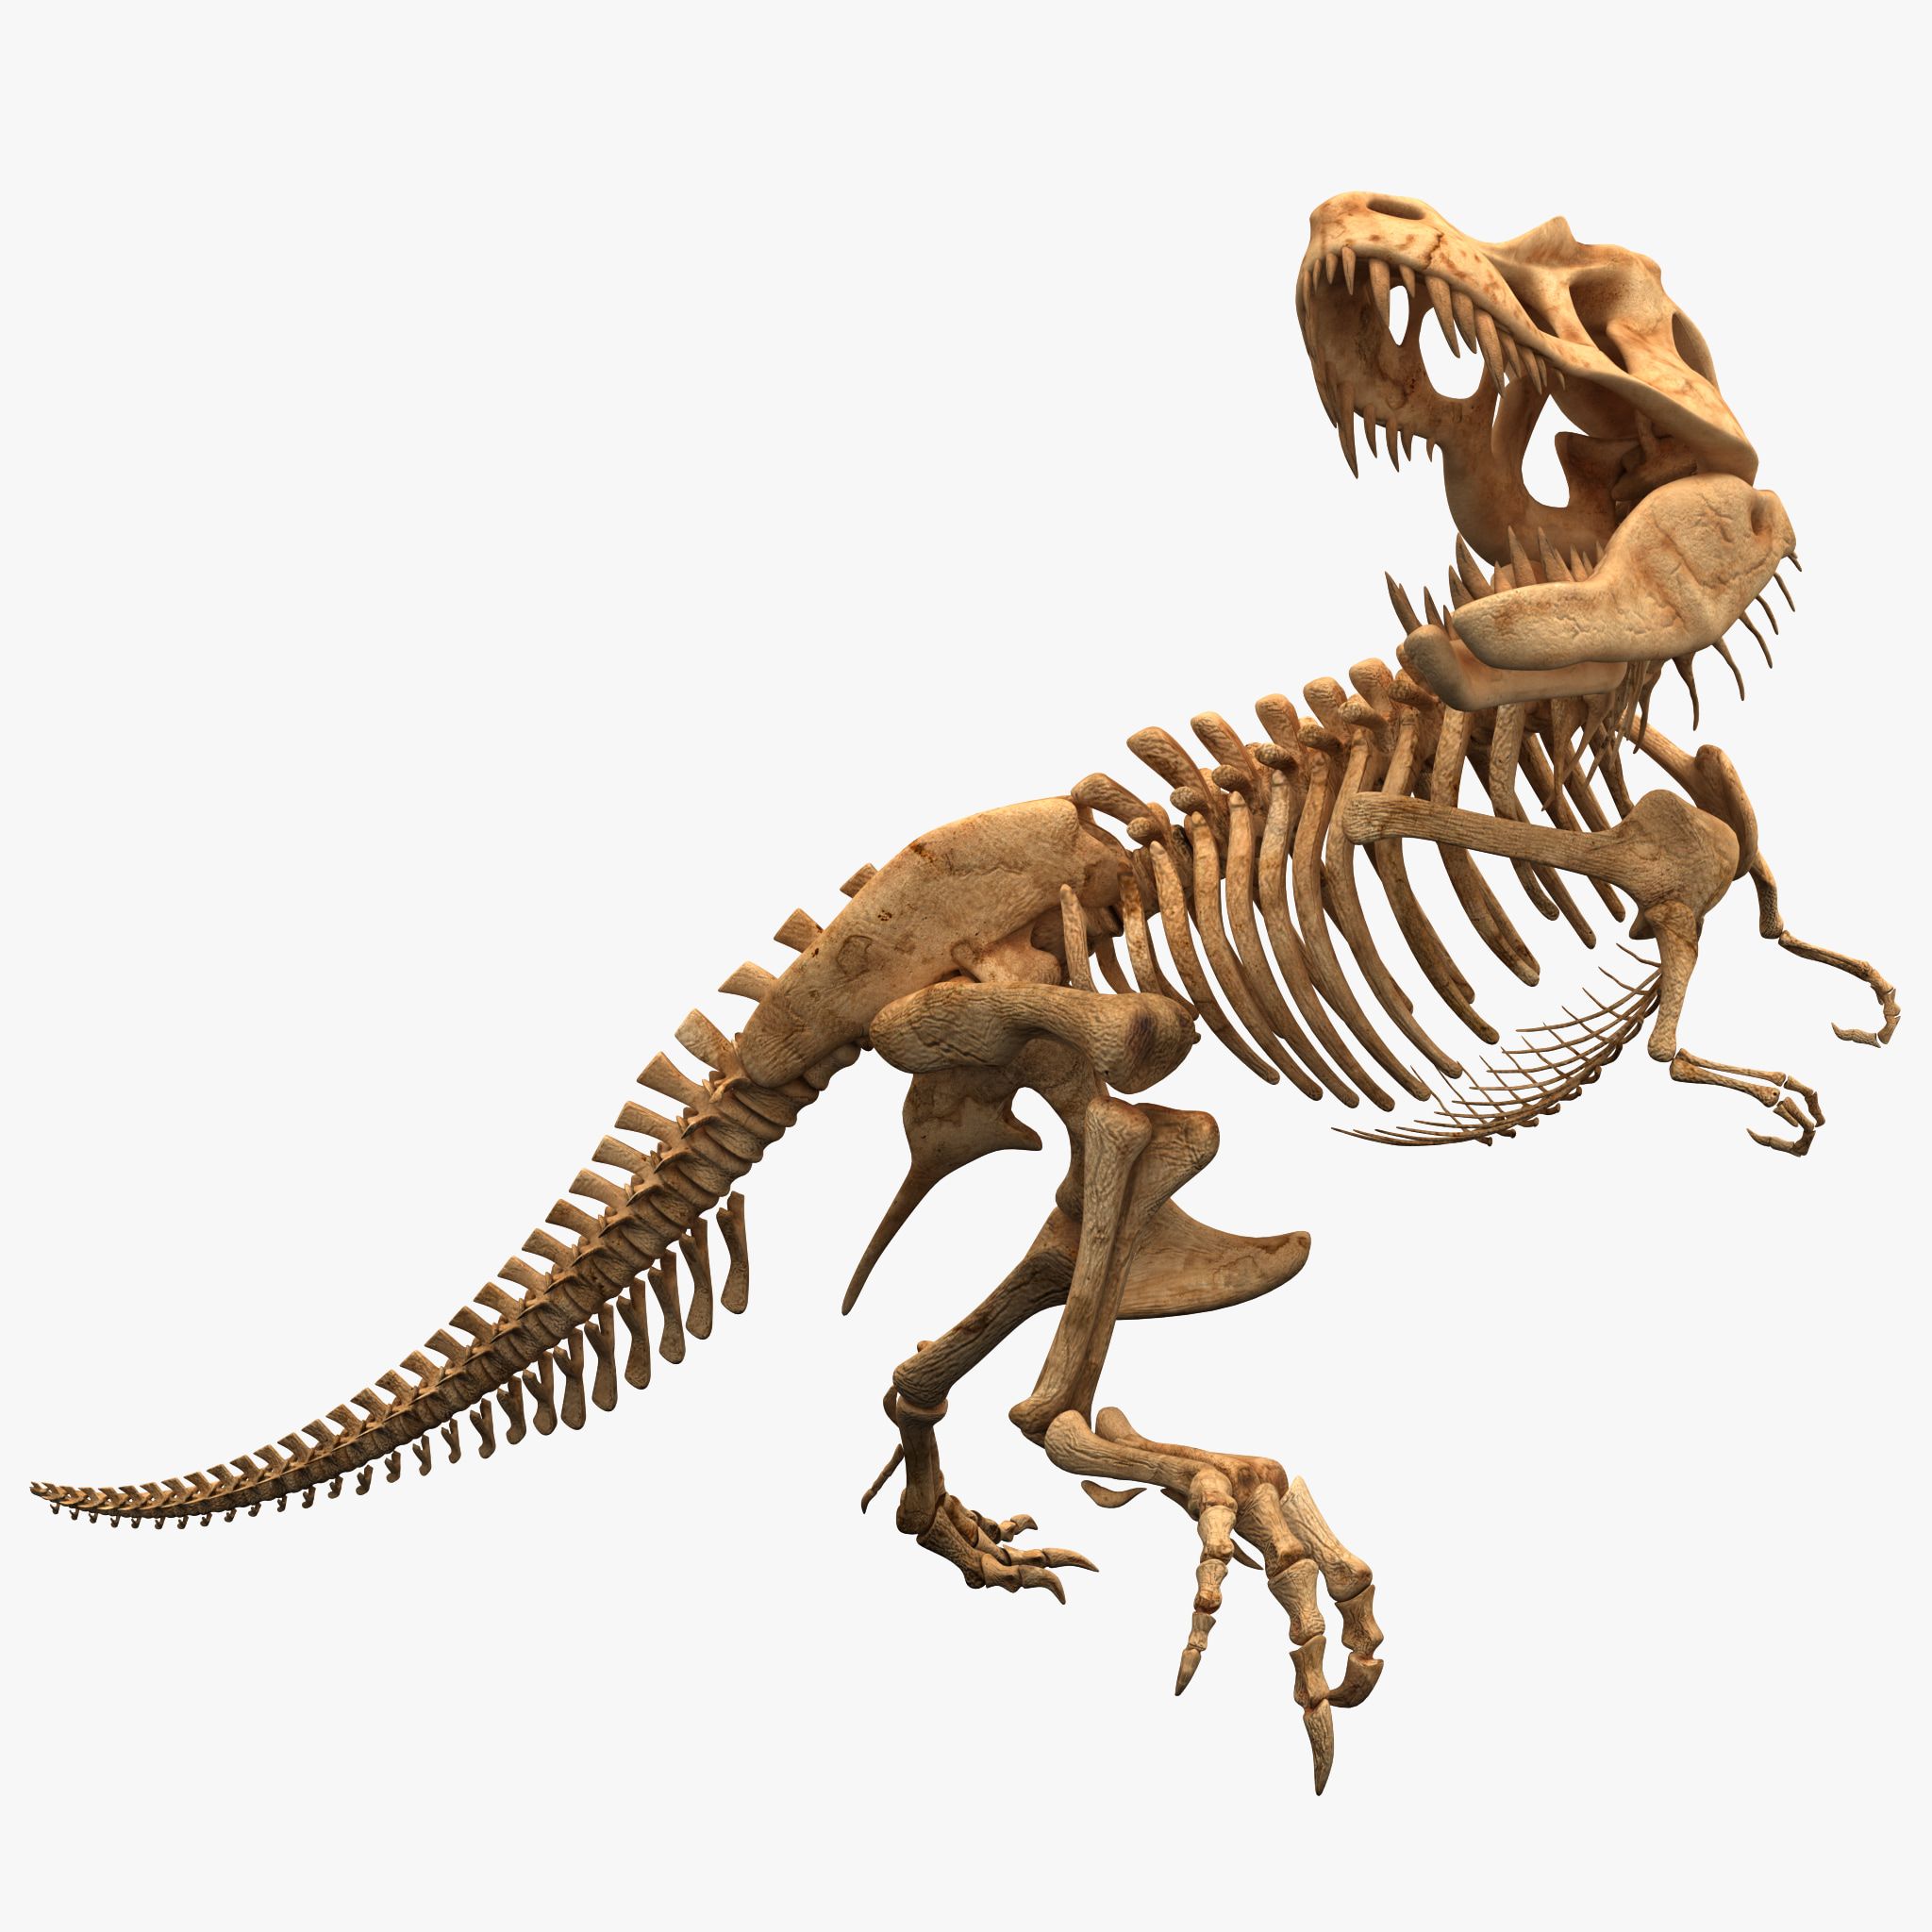 Dinosaur T-rex Bones_1.jpg